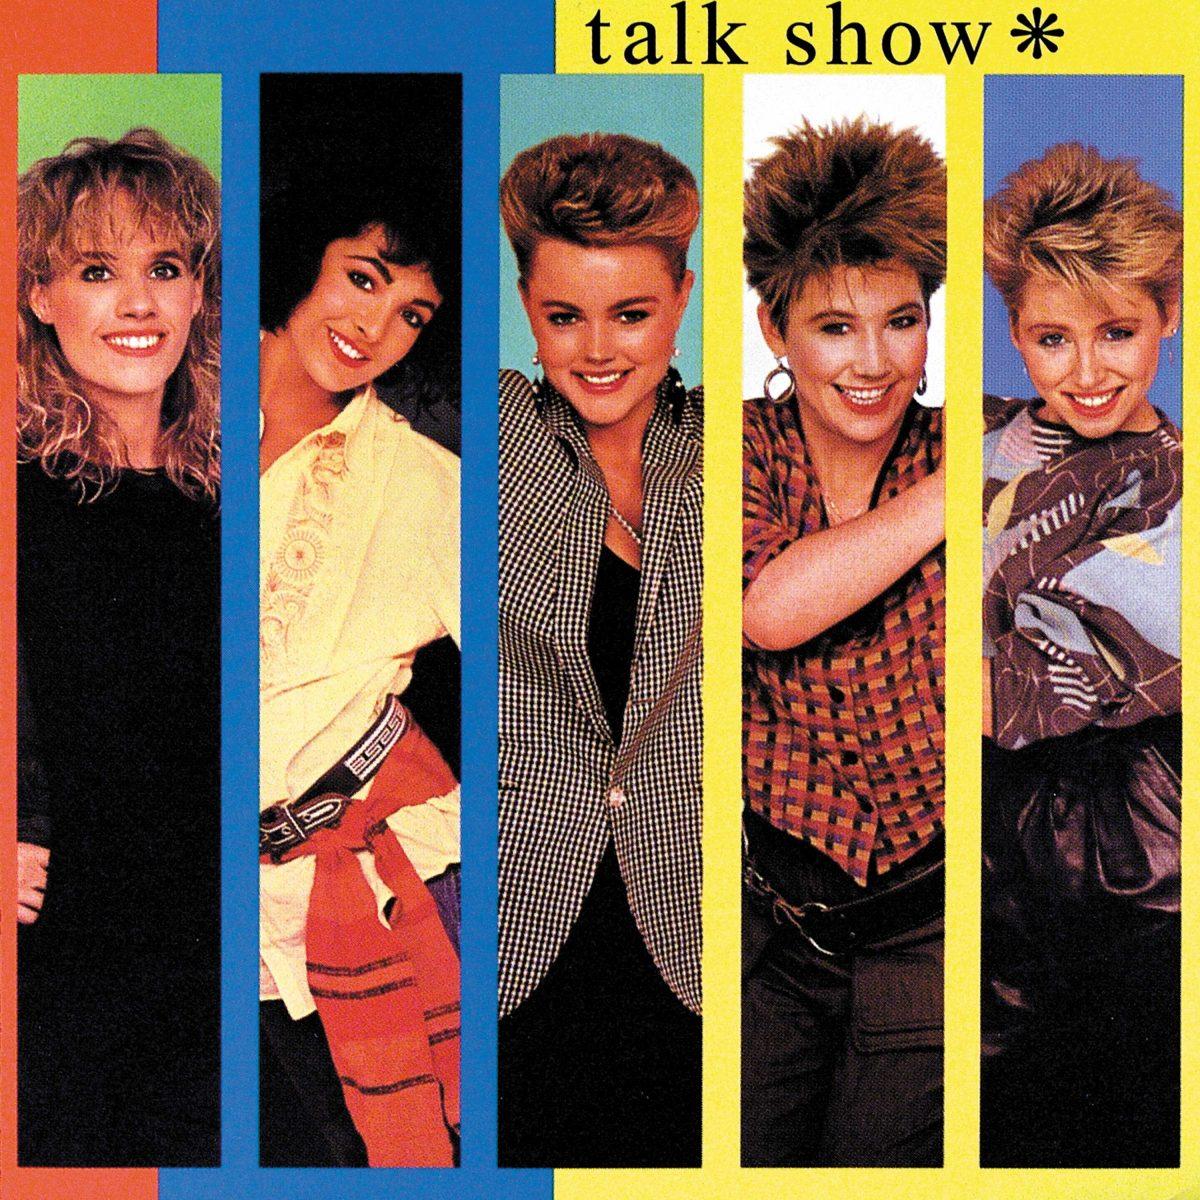 Talk Show cover art